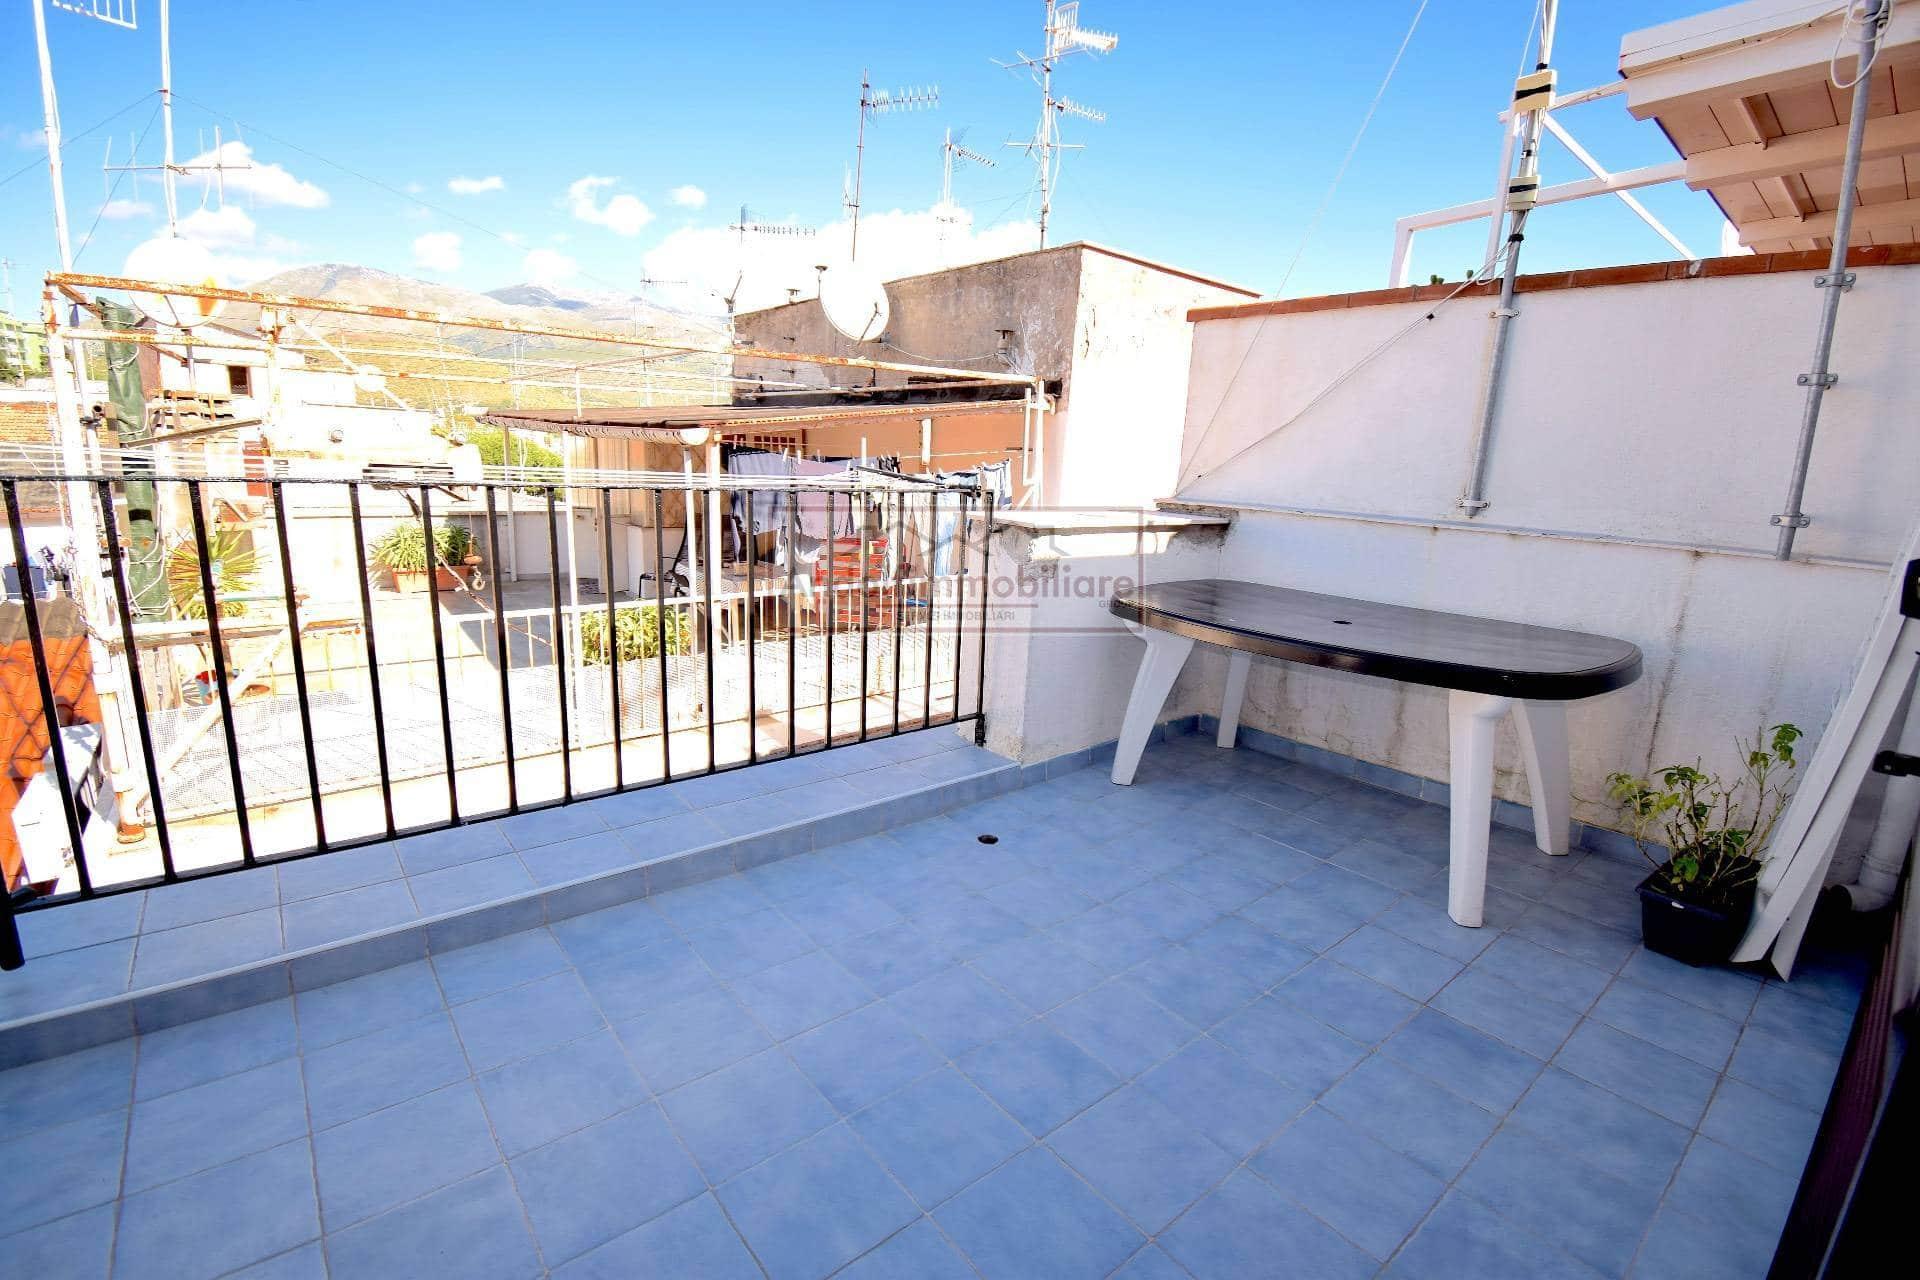 Gaeta Vico Indipendenza lato Calegna. Appartamento su 2 livelli con terrazzo in Vendita.